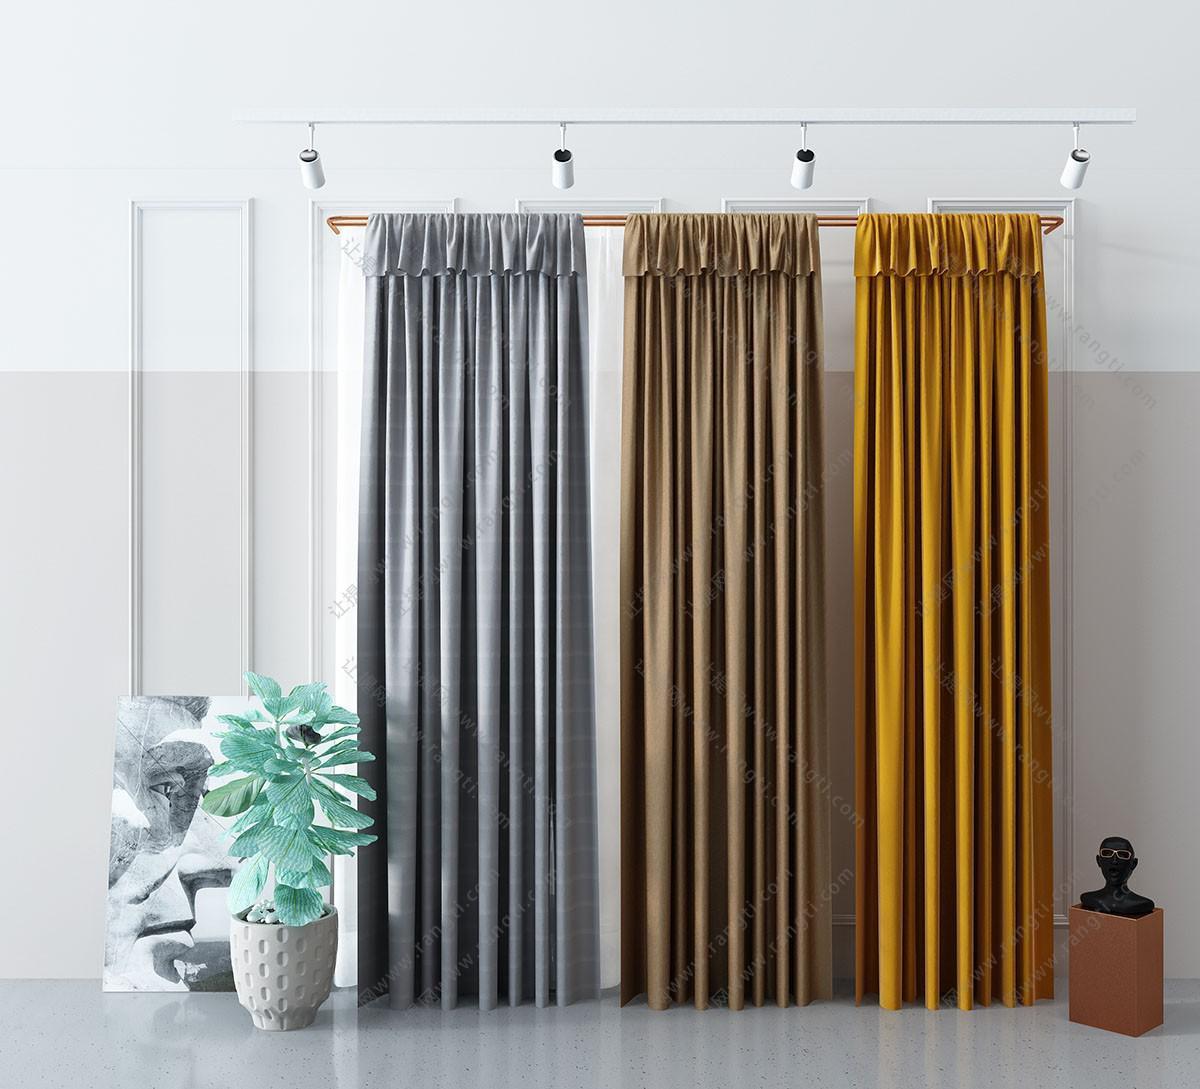 现代轻奢窗帘3D模型